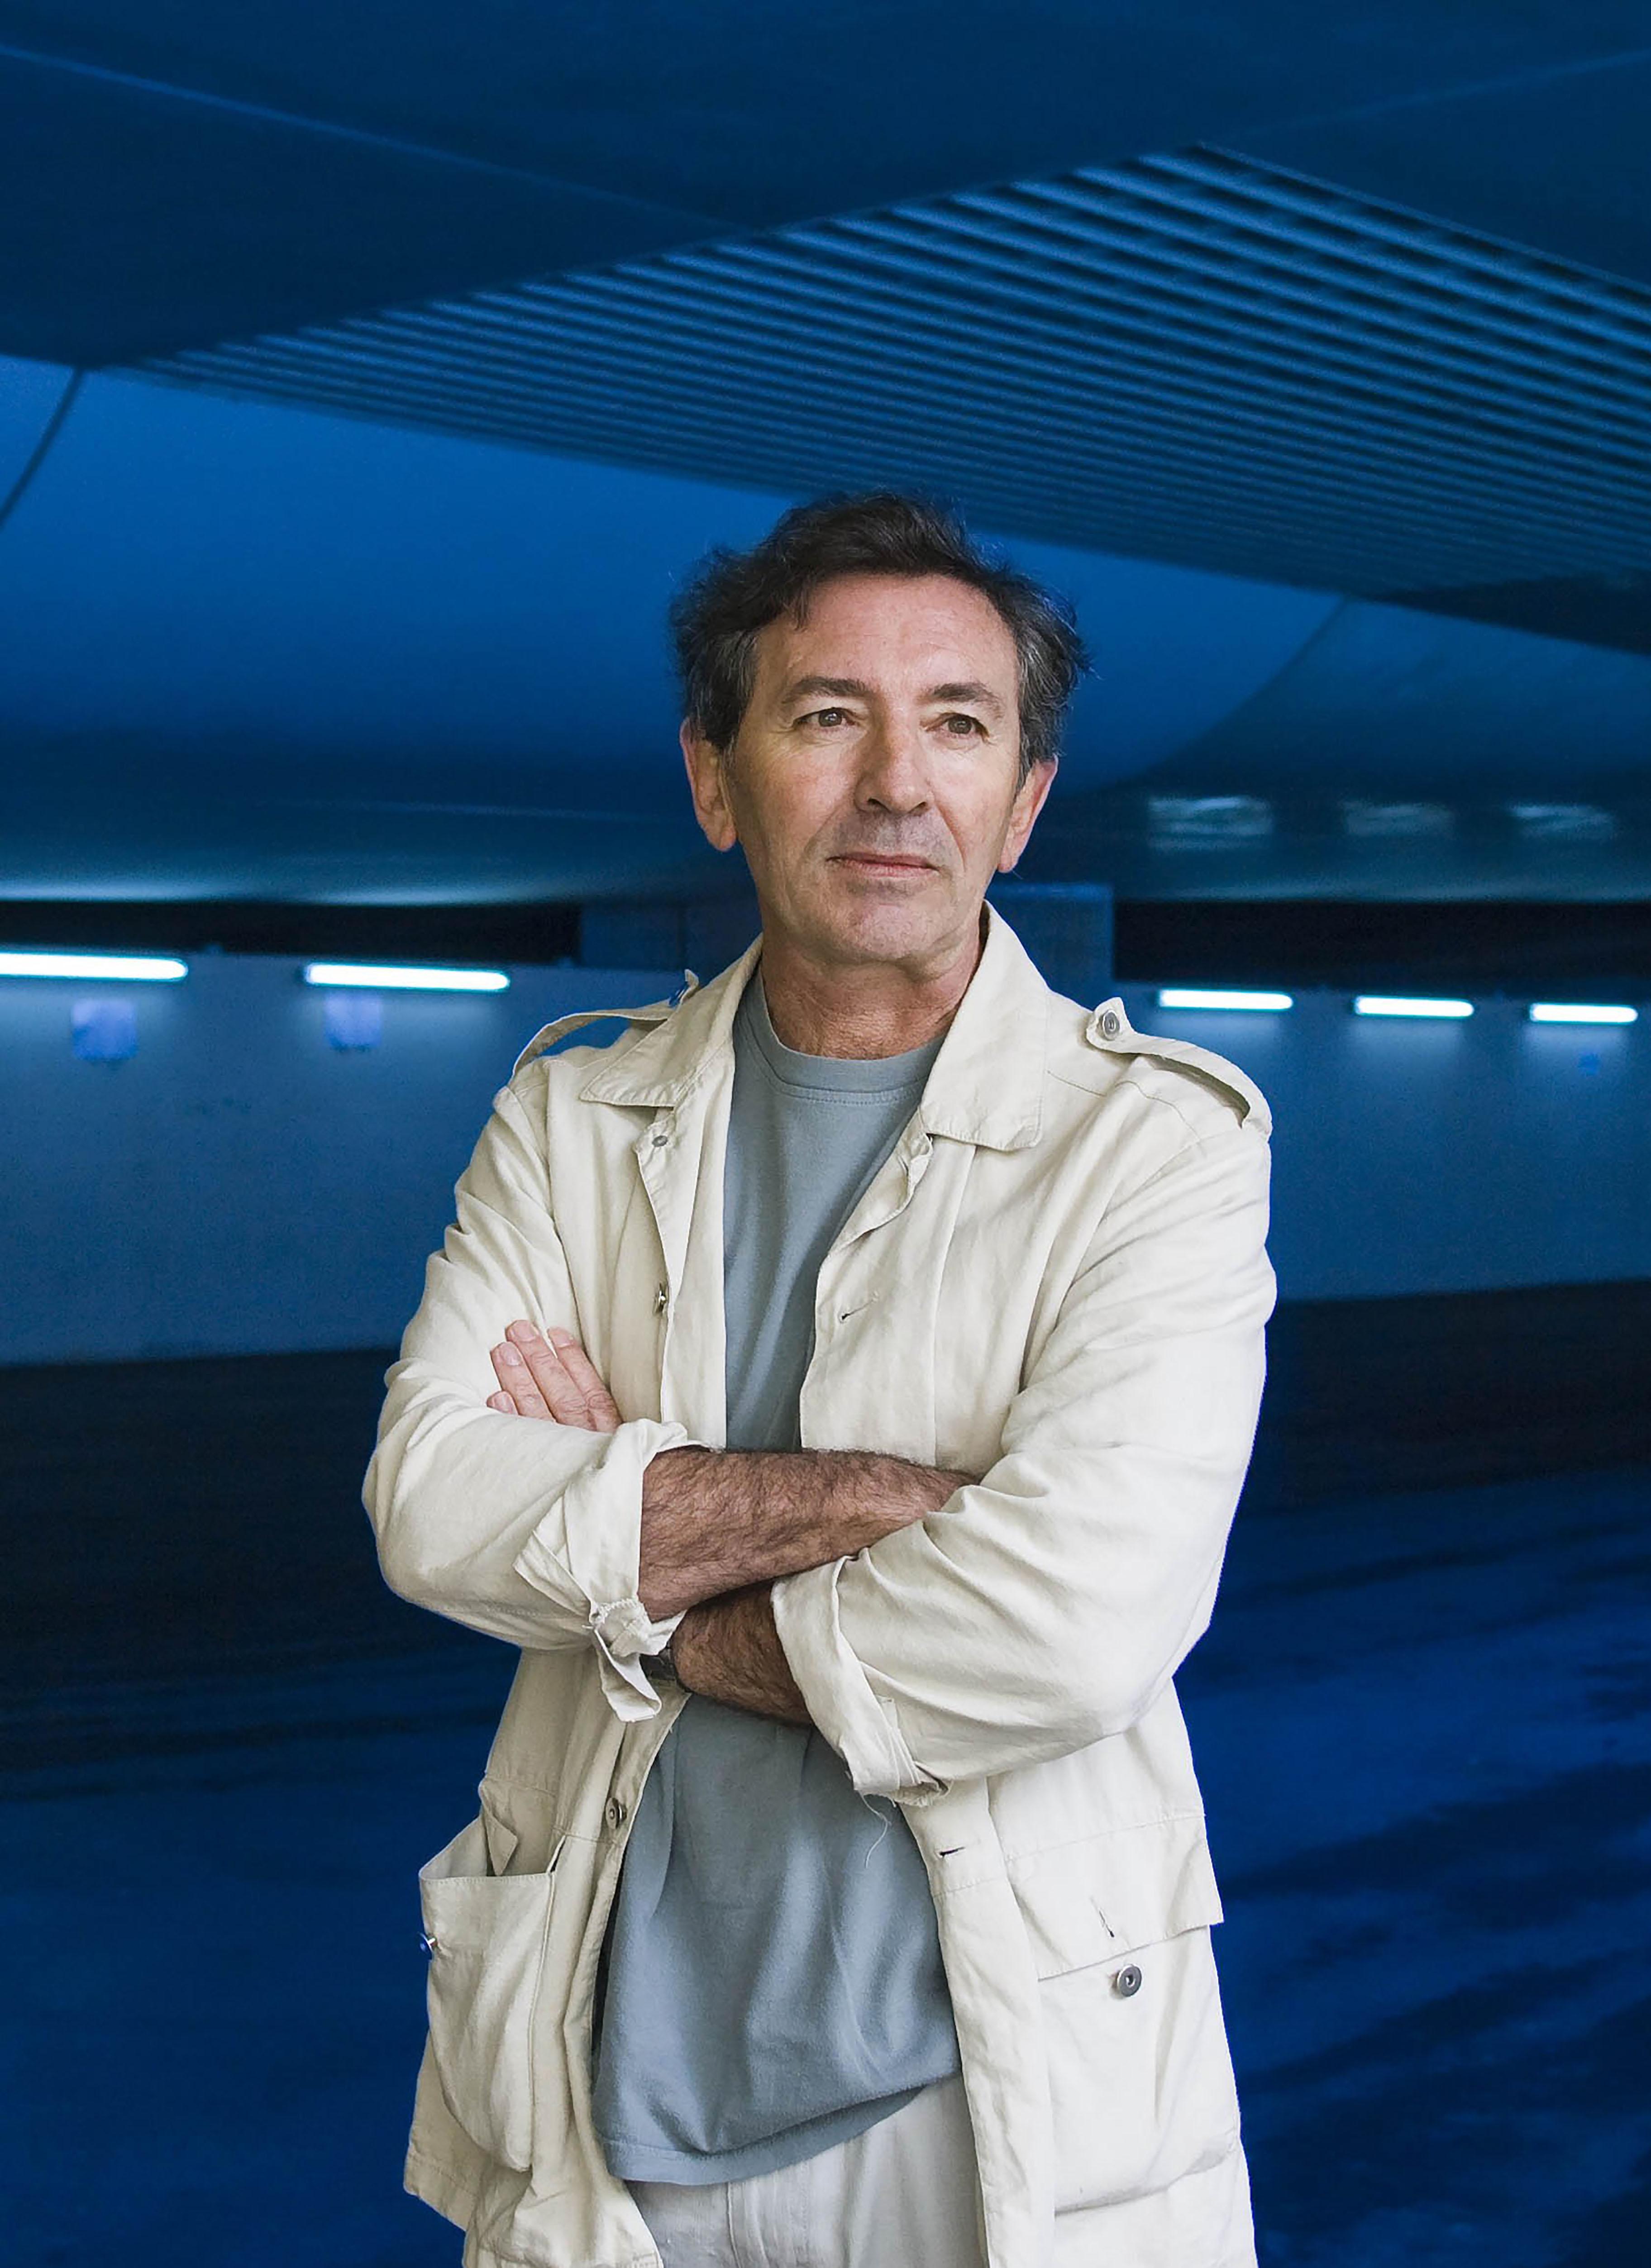 Philippe Matsas